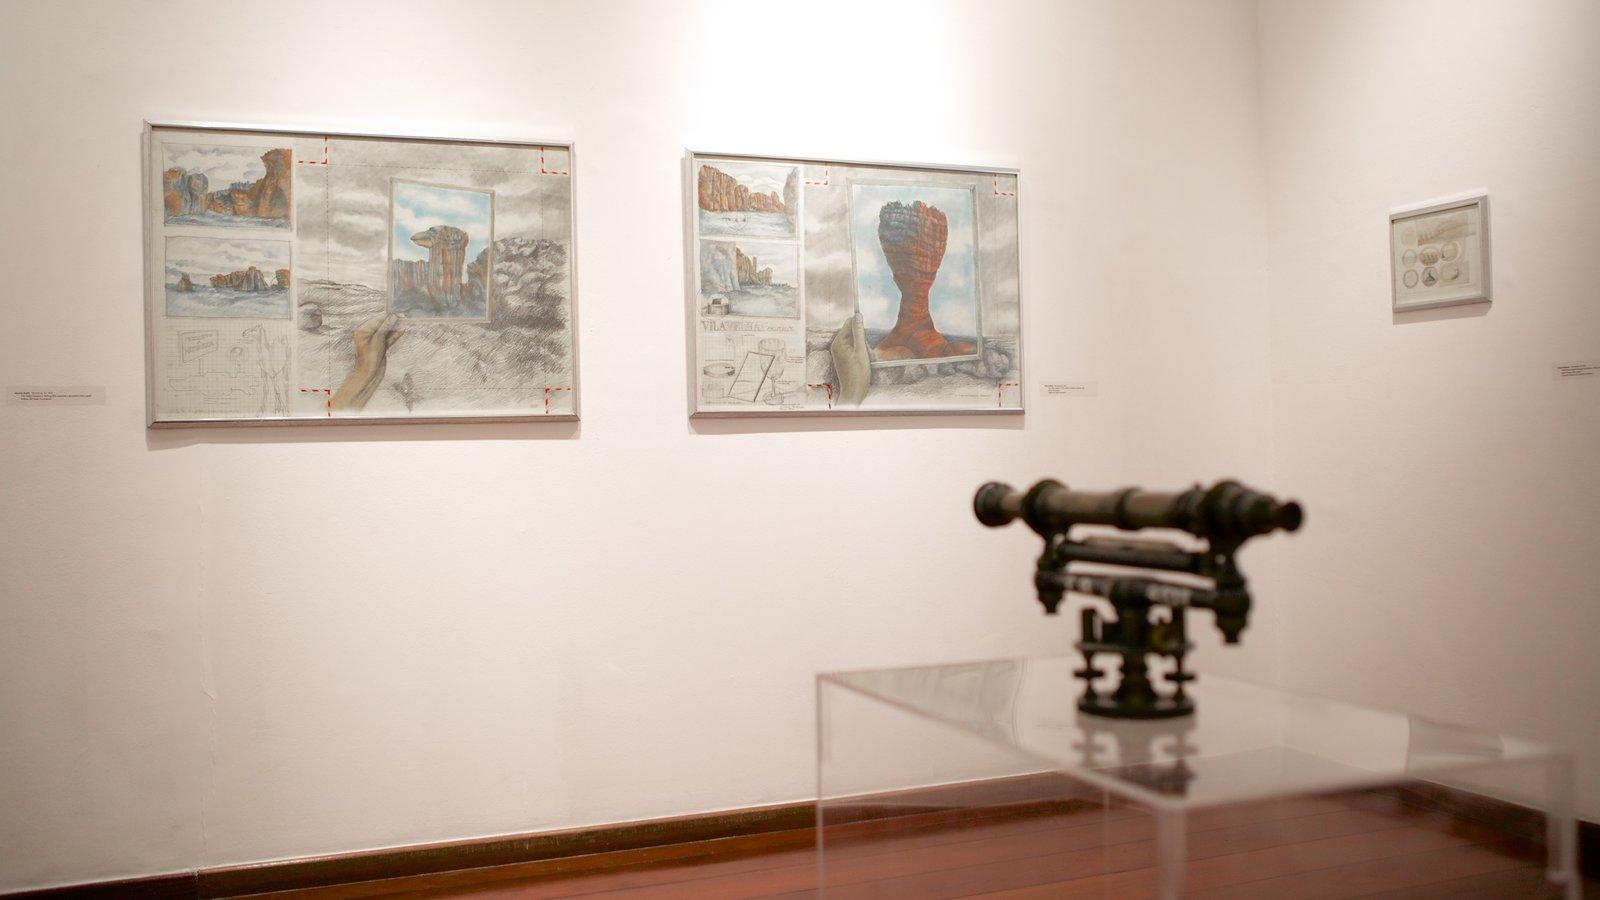 Museu de Arte Contemporânea mostrando vistas internas e arte